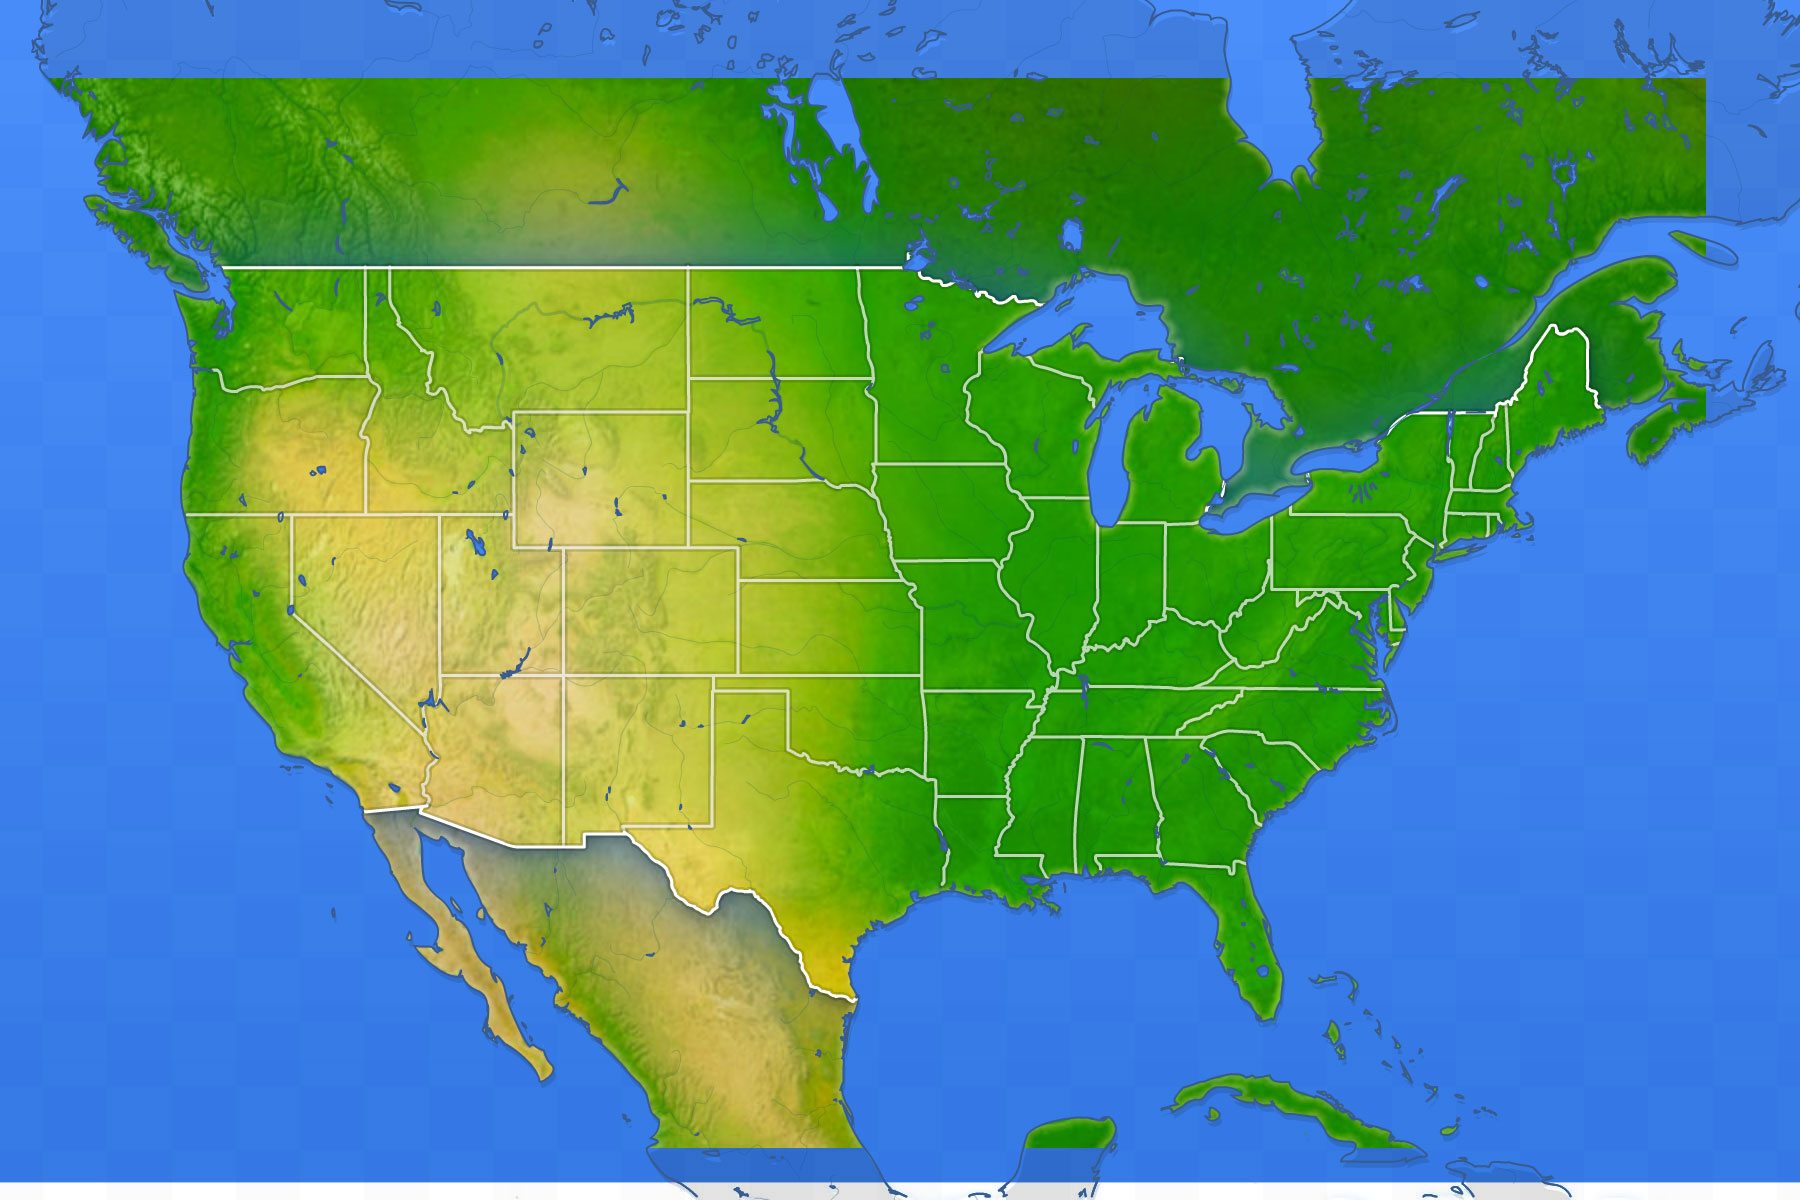 Jeux-Geographiques Jeux Gratuits Jeu Villes Des Usa tout Jeux De Geographie